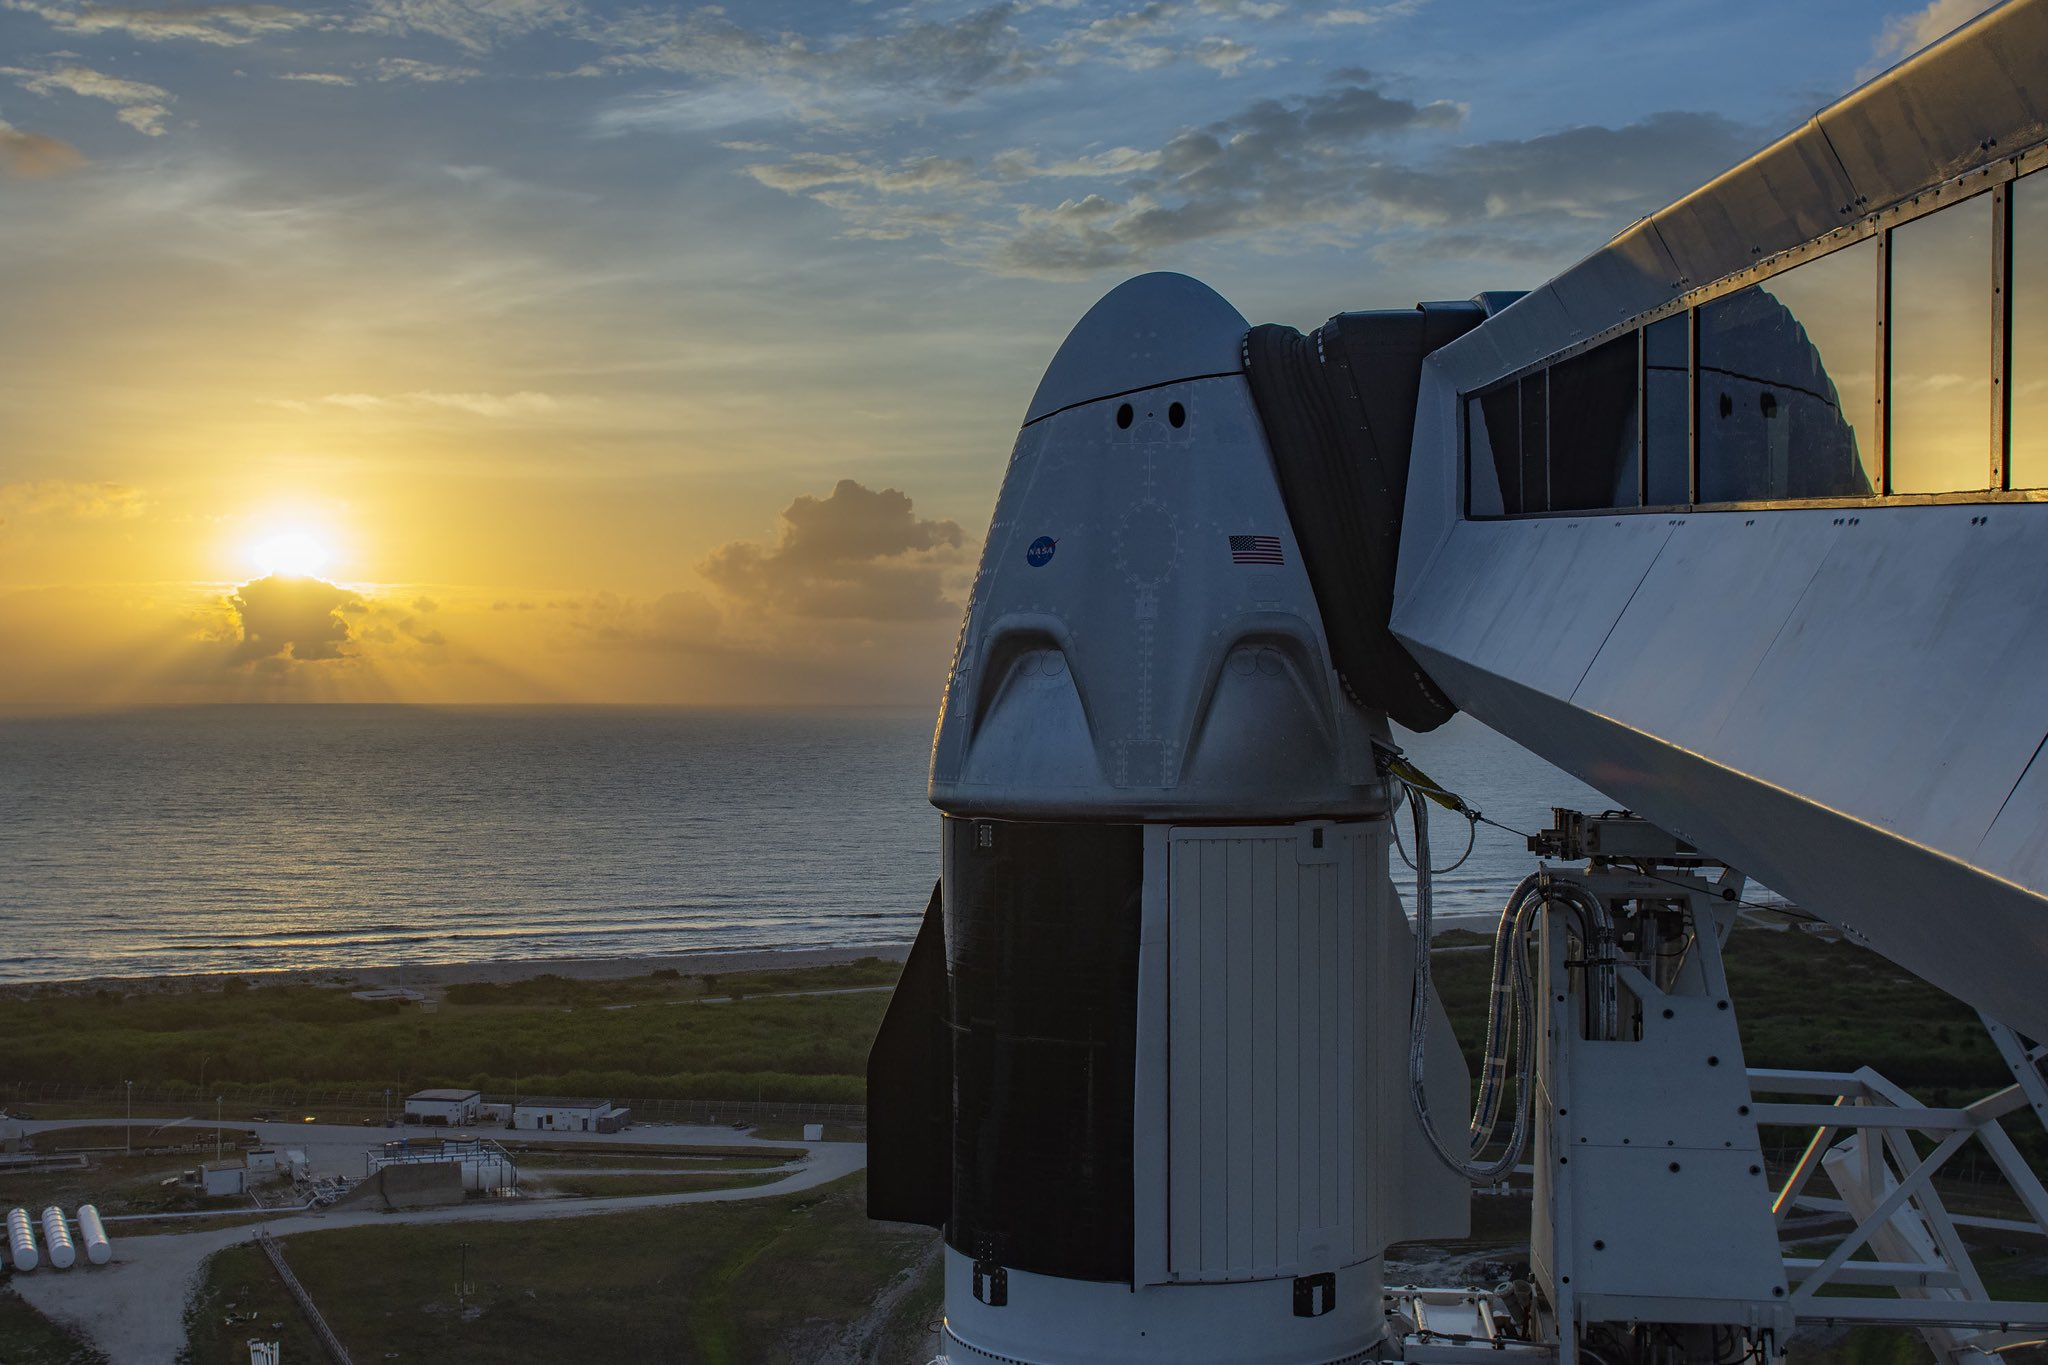 Imaginea 1: Capsula Dragon2 (sau Crew Dragon), așteptând o zi cu un cer mai senin, pe rampa de lansare LC-39A de la Kennedy Space Center. În drapta imaginii se poate observa brațul folosit pentru accesul echipajului la capsulă. (Sursa foto: SpaceX)